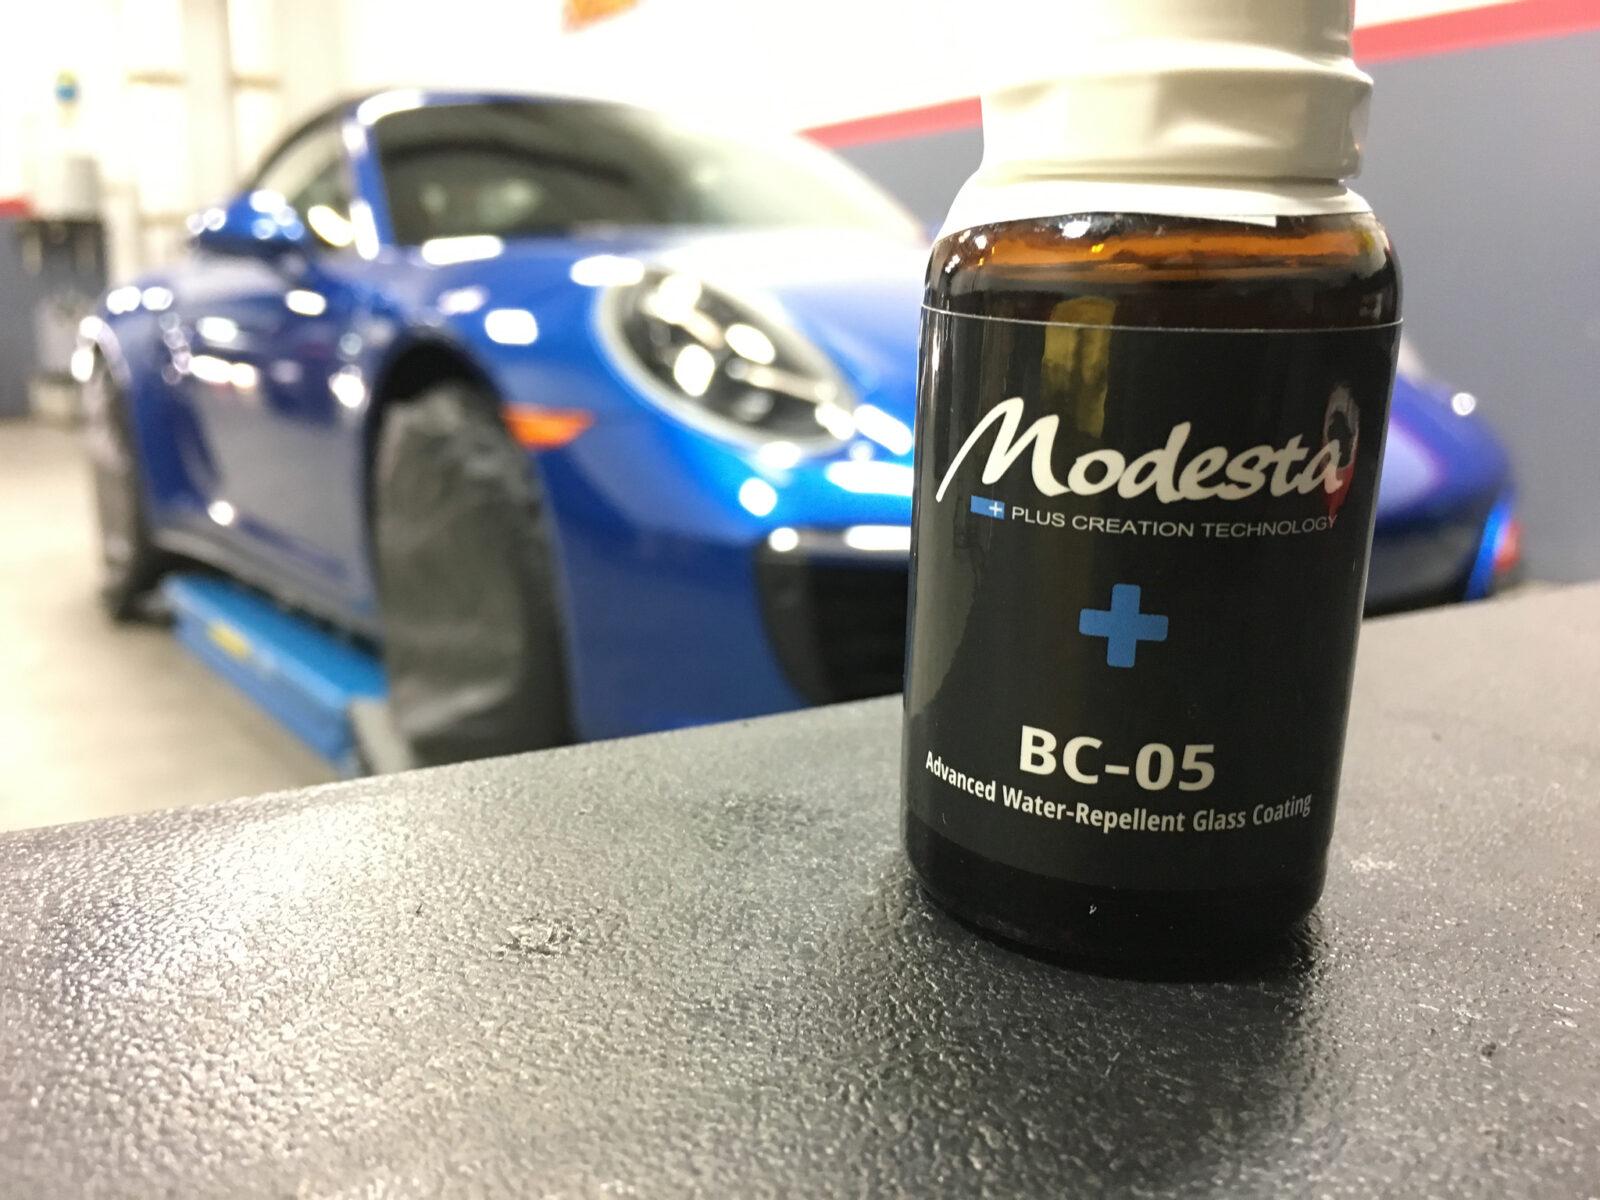 Porsche, ceramic coating, modesta, glass coating, ppf